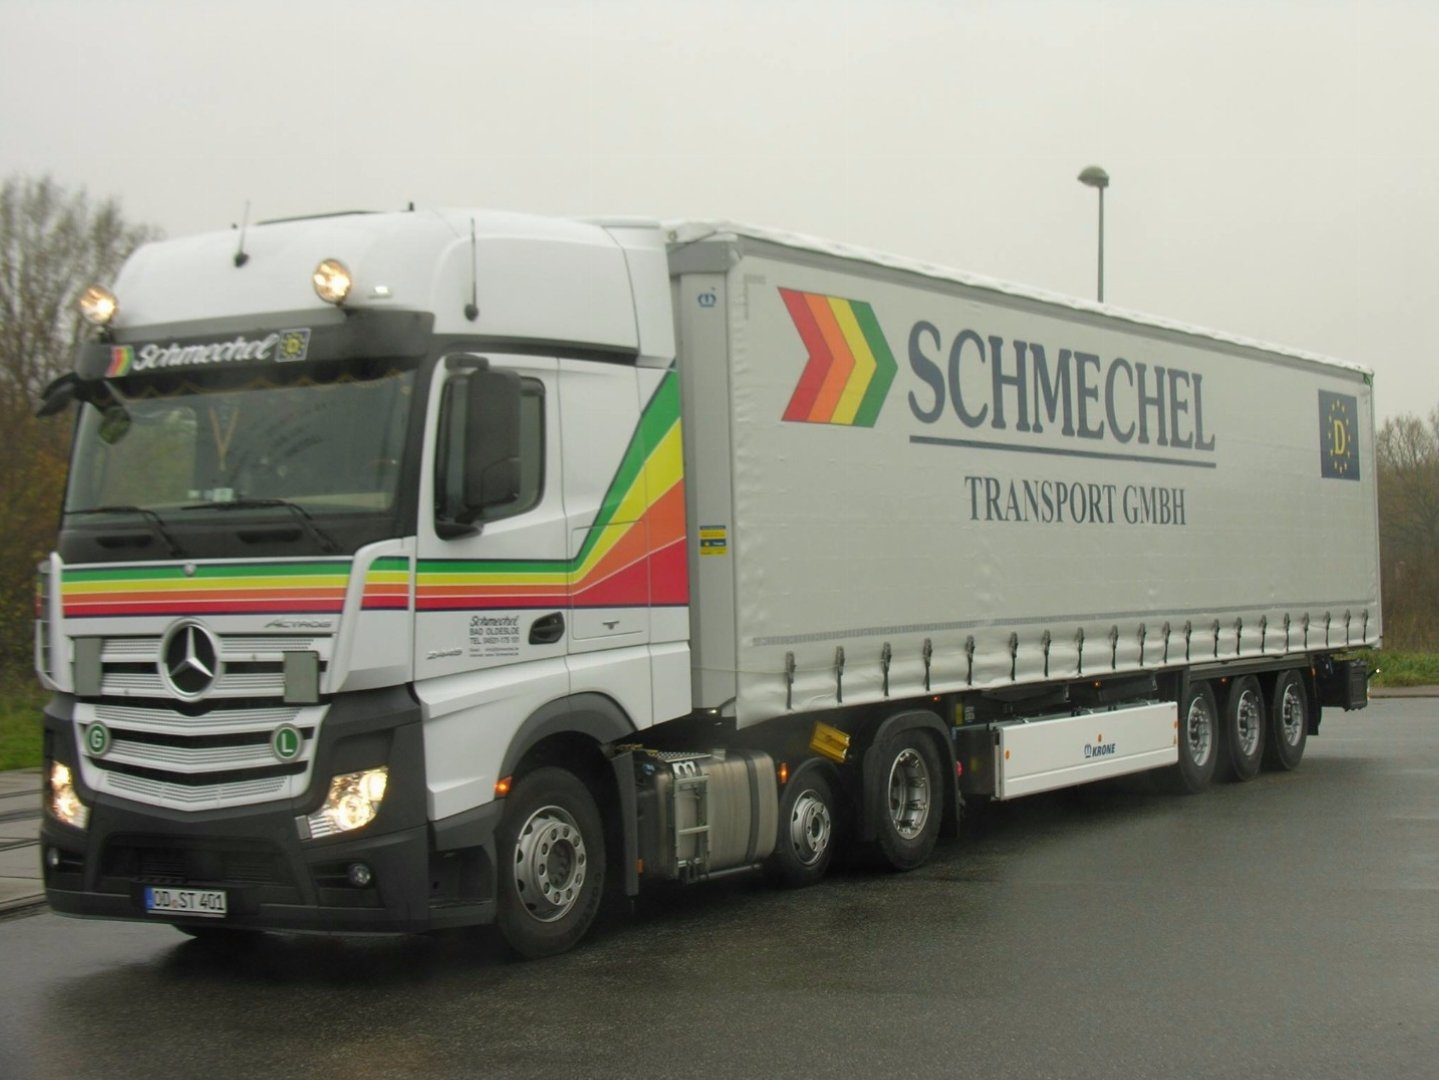 schmechel transport in 23843 bad oldesloe logistikwelt24. Black Bedroom Furniture Sets. Home Design Ideas